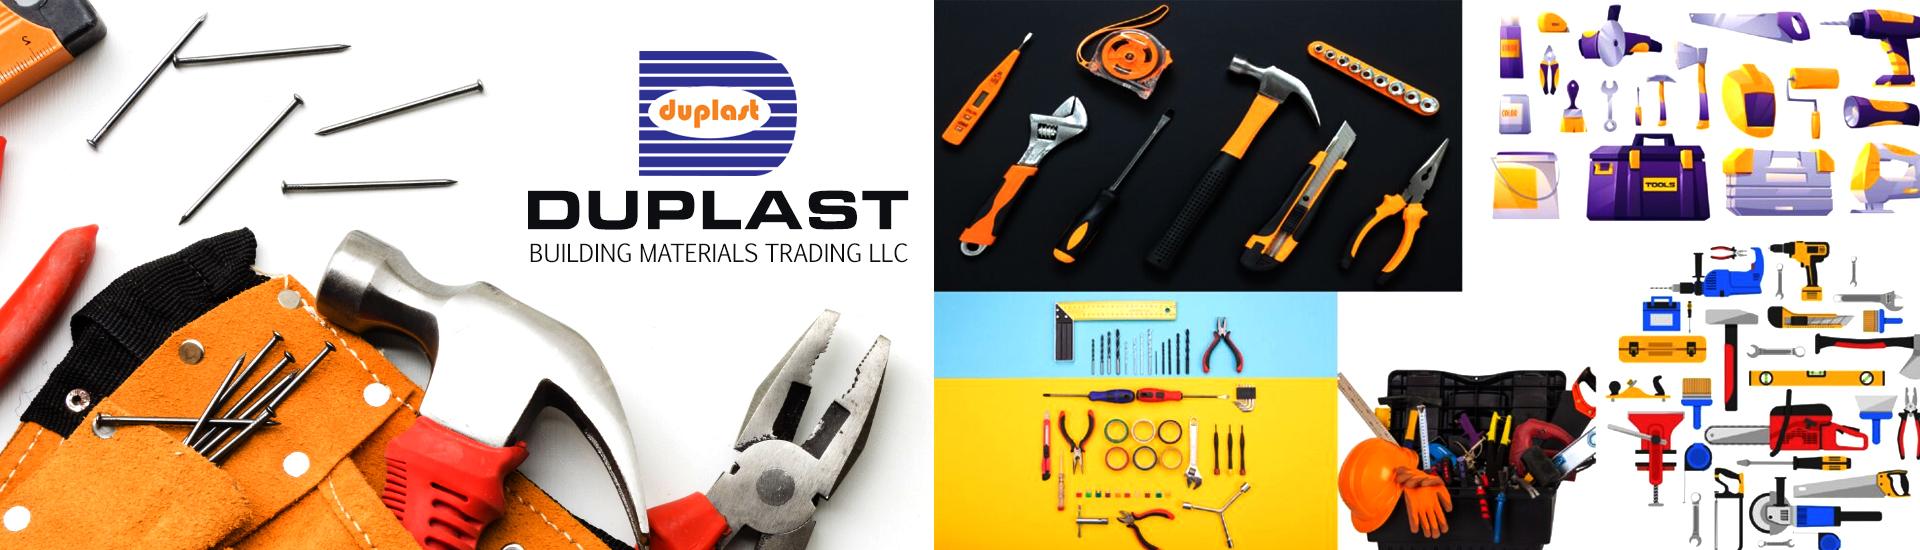 DUPLAST BUILDING MATERIALS TRADING LLC